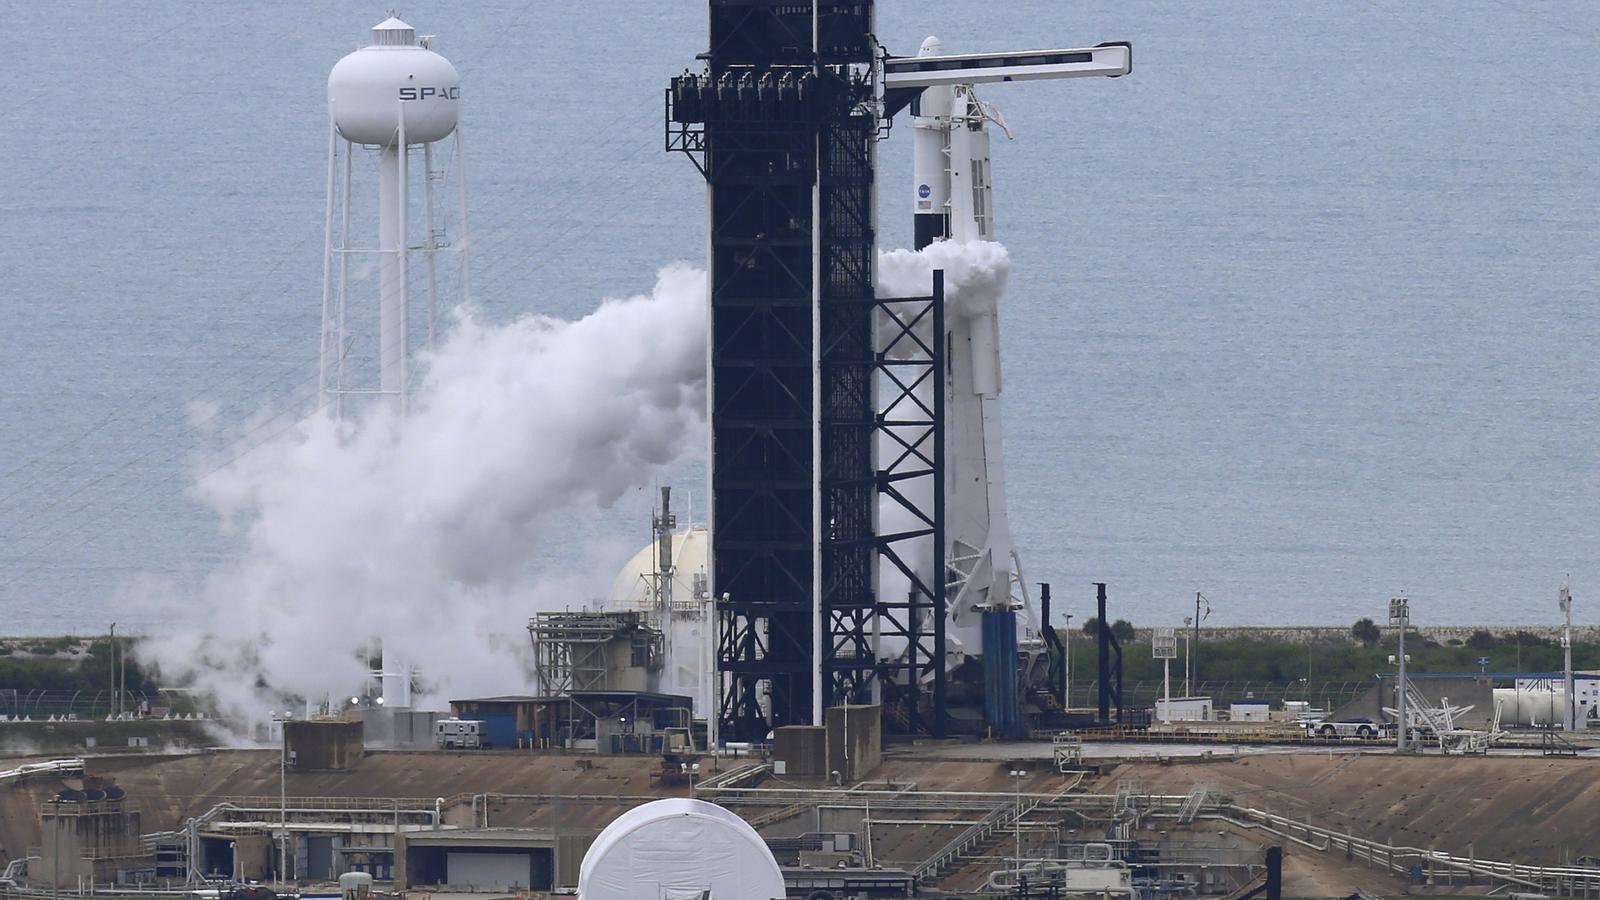 El coet SpaceX Falcon 9 moments abans d'avortar el llançament programat de la missió